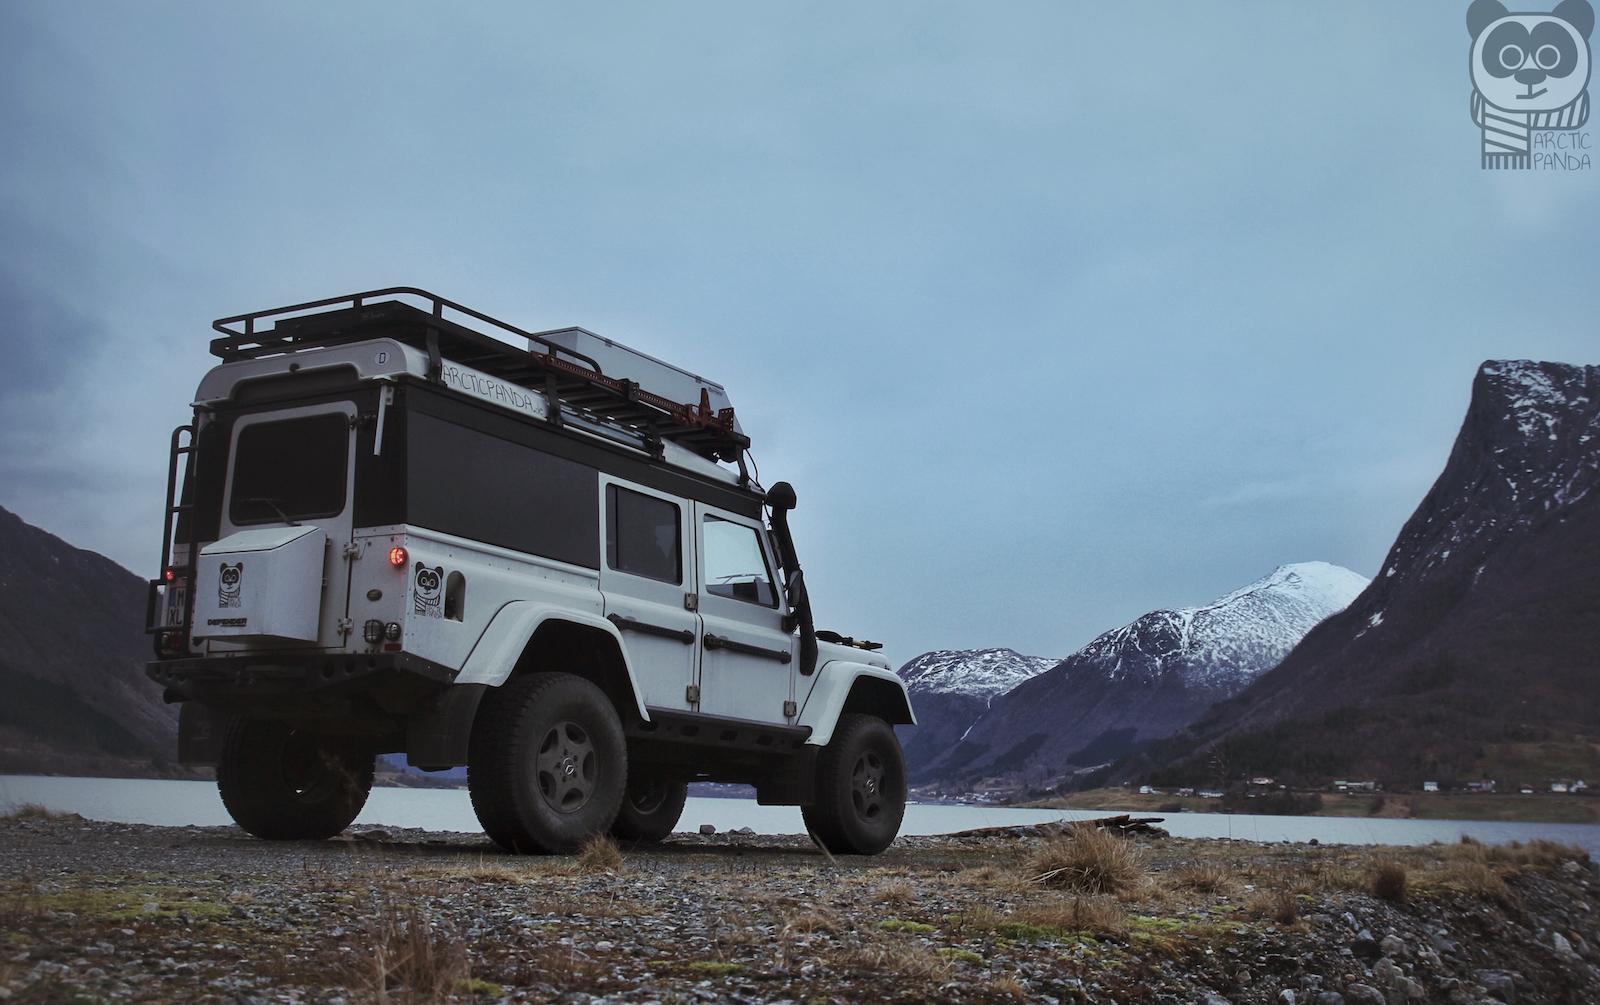 Mit dem ArcticPanda unterwegs im winterlichen Norwegen.